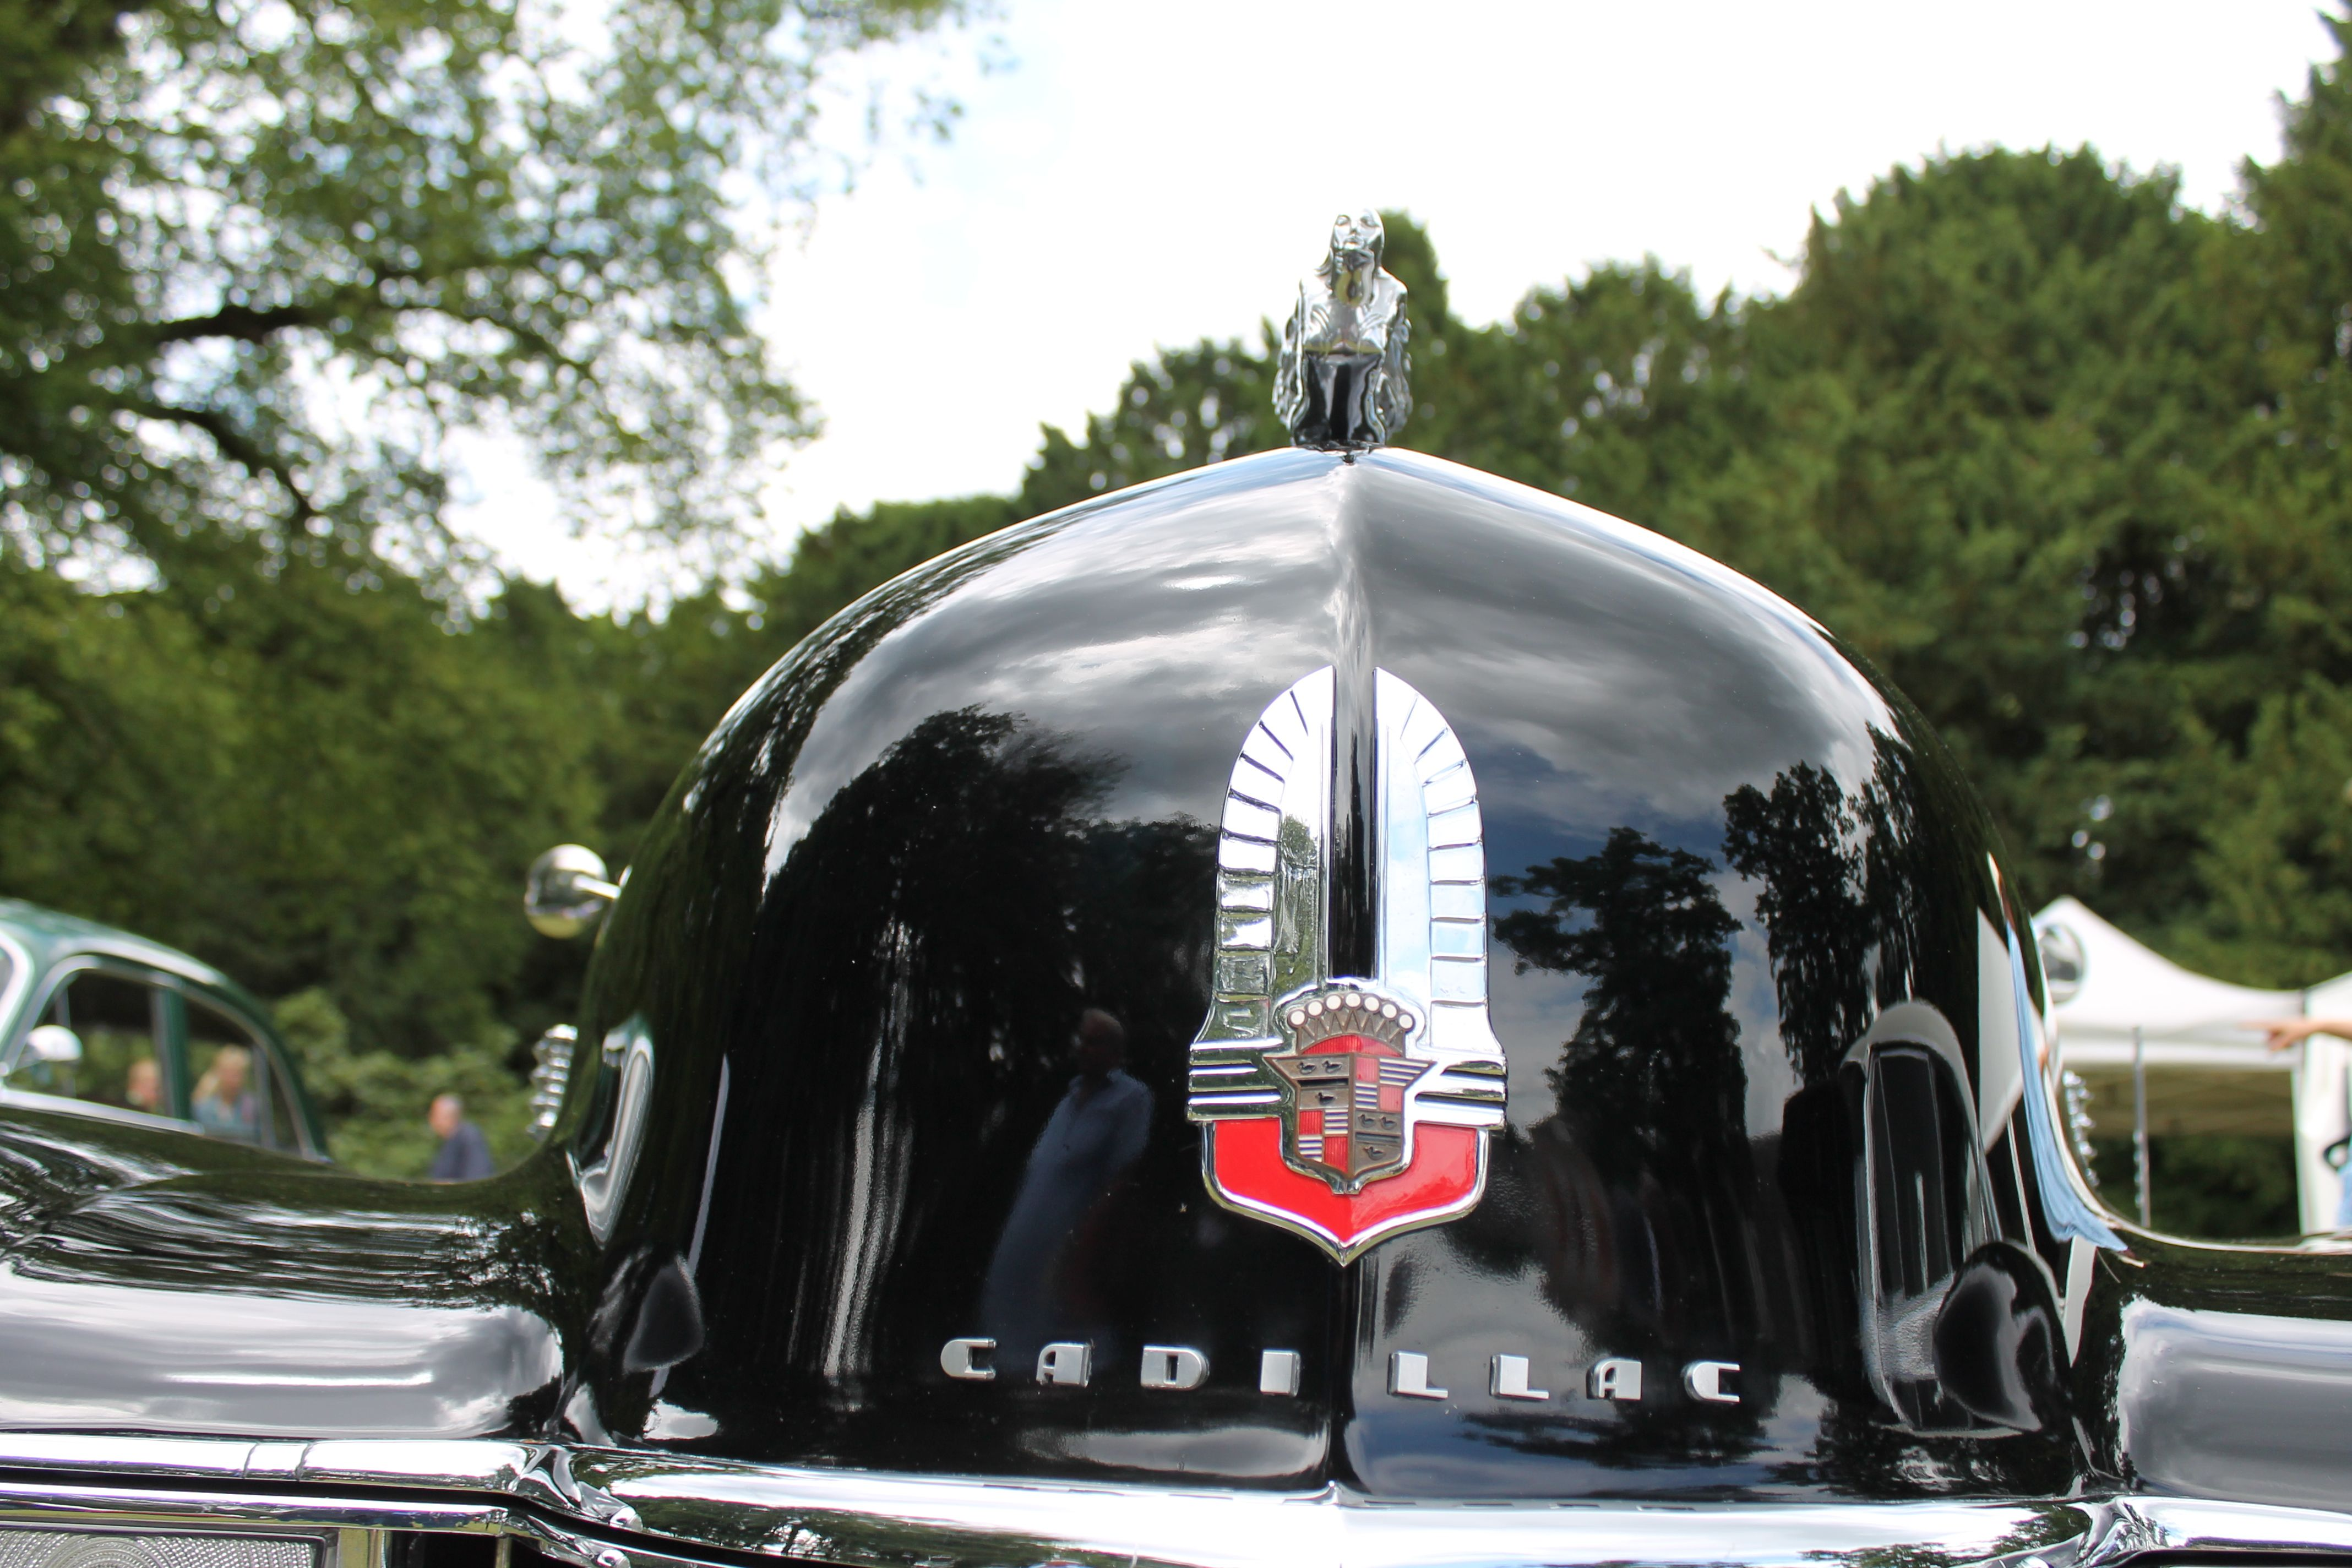 Cadillac  Serie 6227 D  De Luxe Coupe 28-02-1941